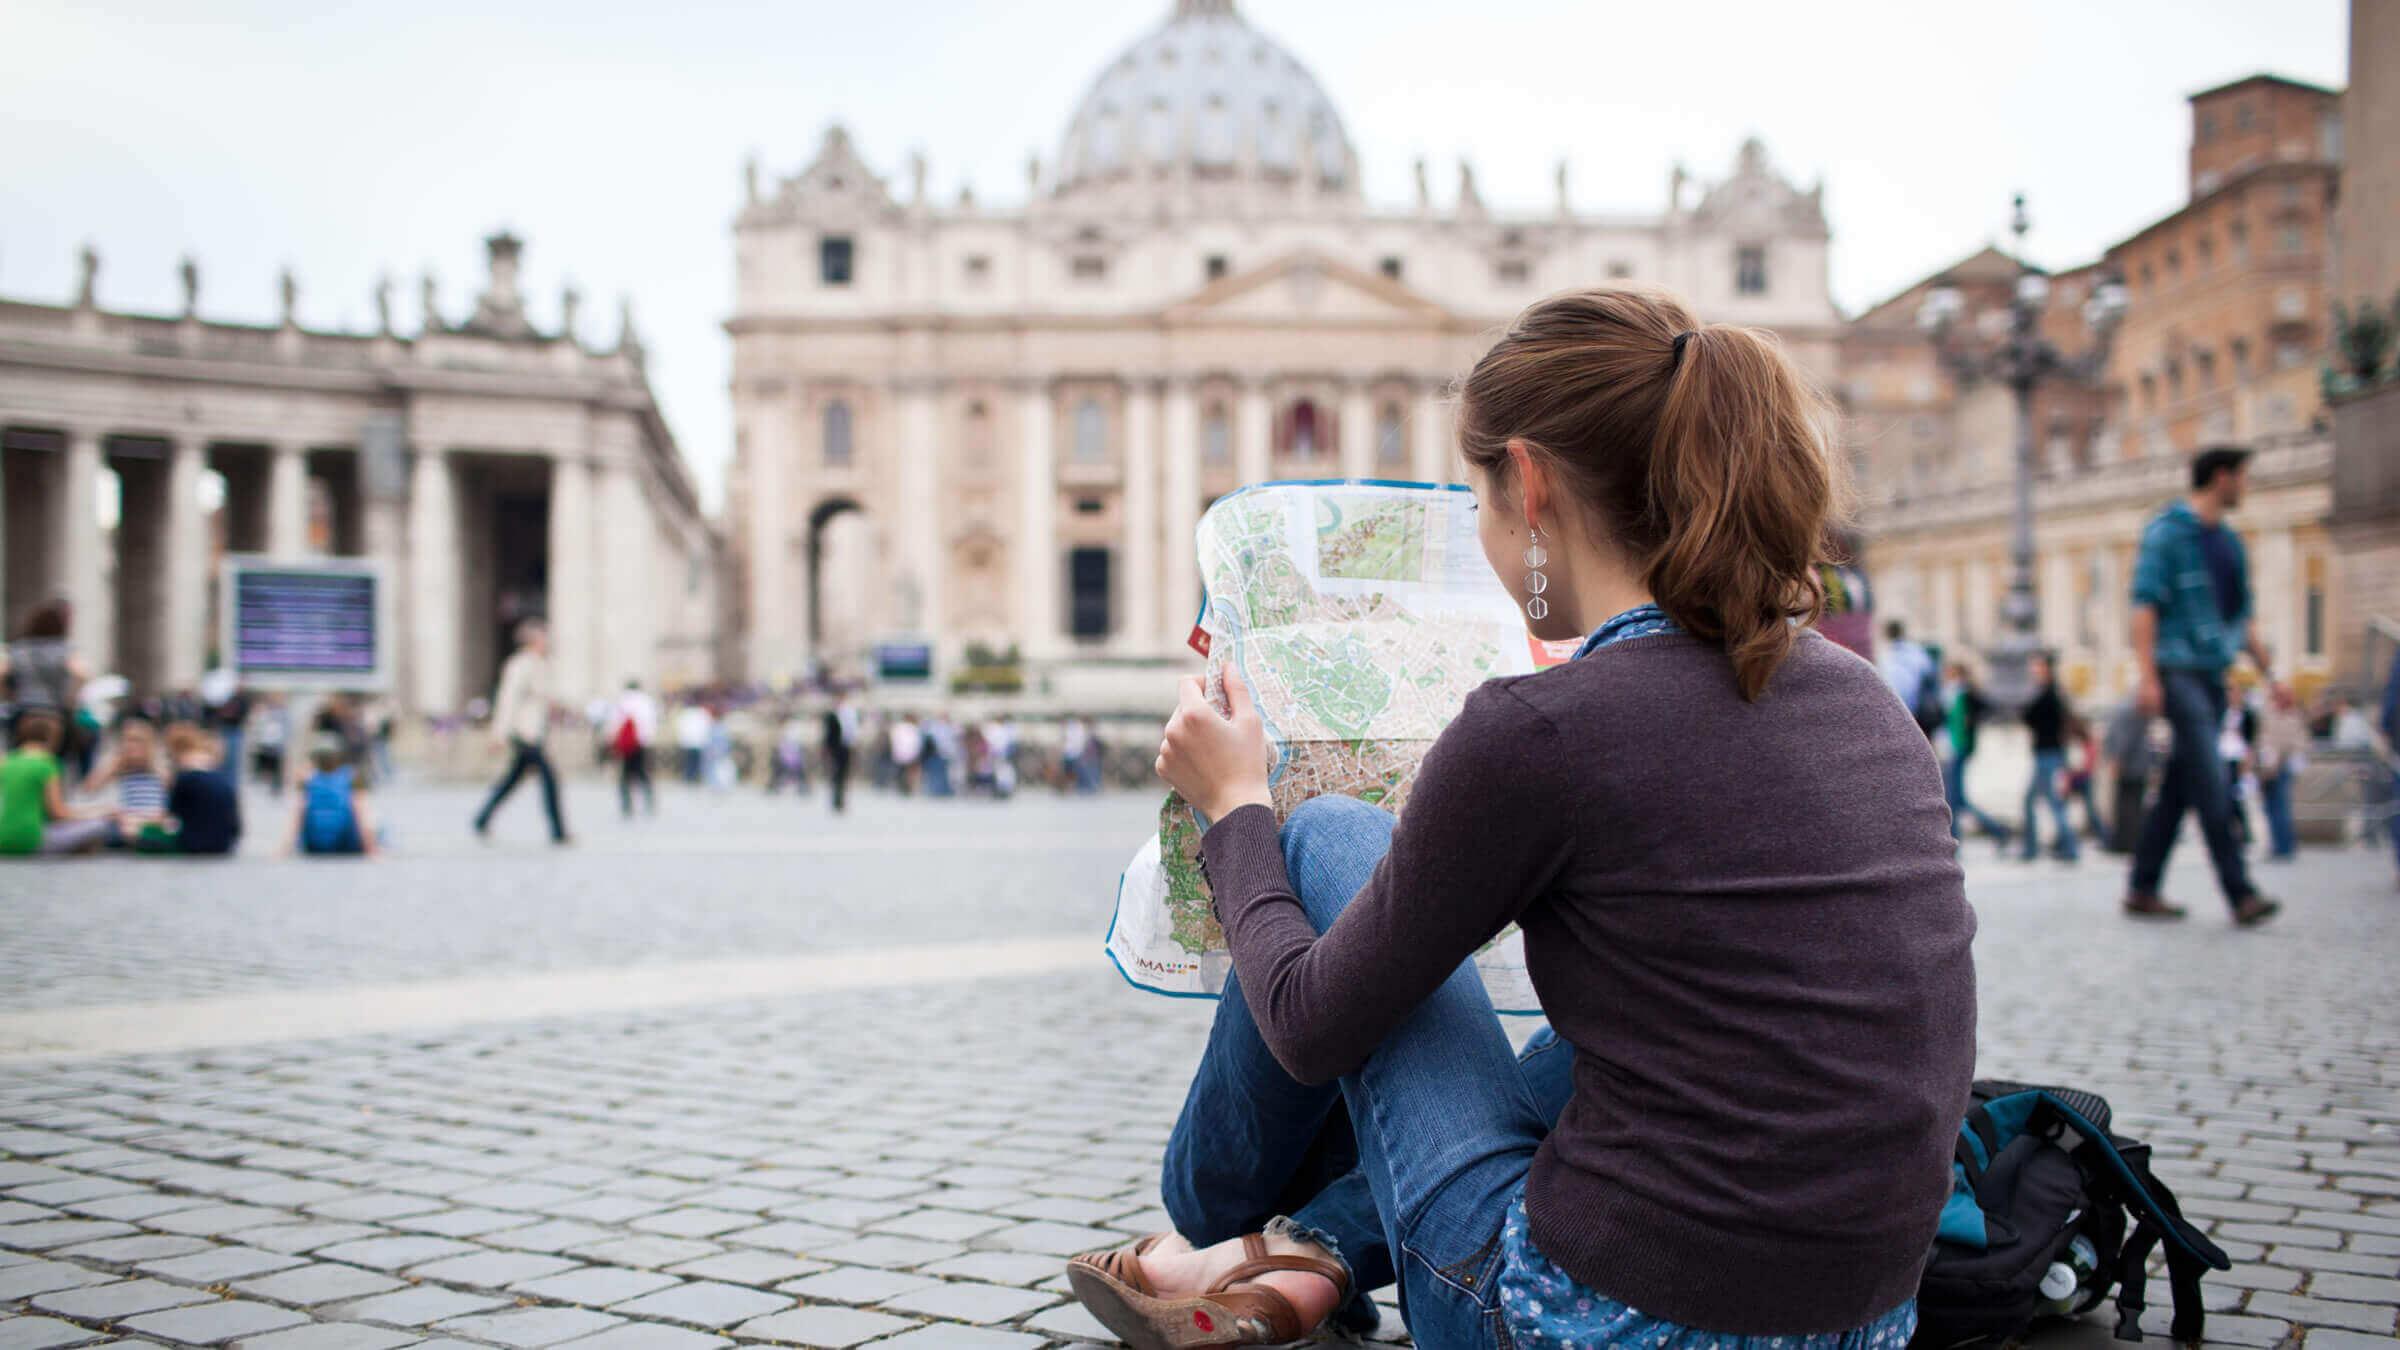 viajar solo al extranjero - haz una búsqueda sobre el destino antes de viajar